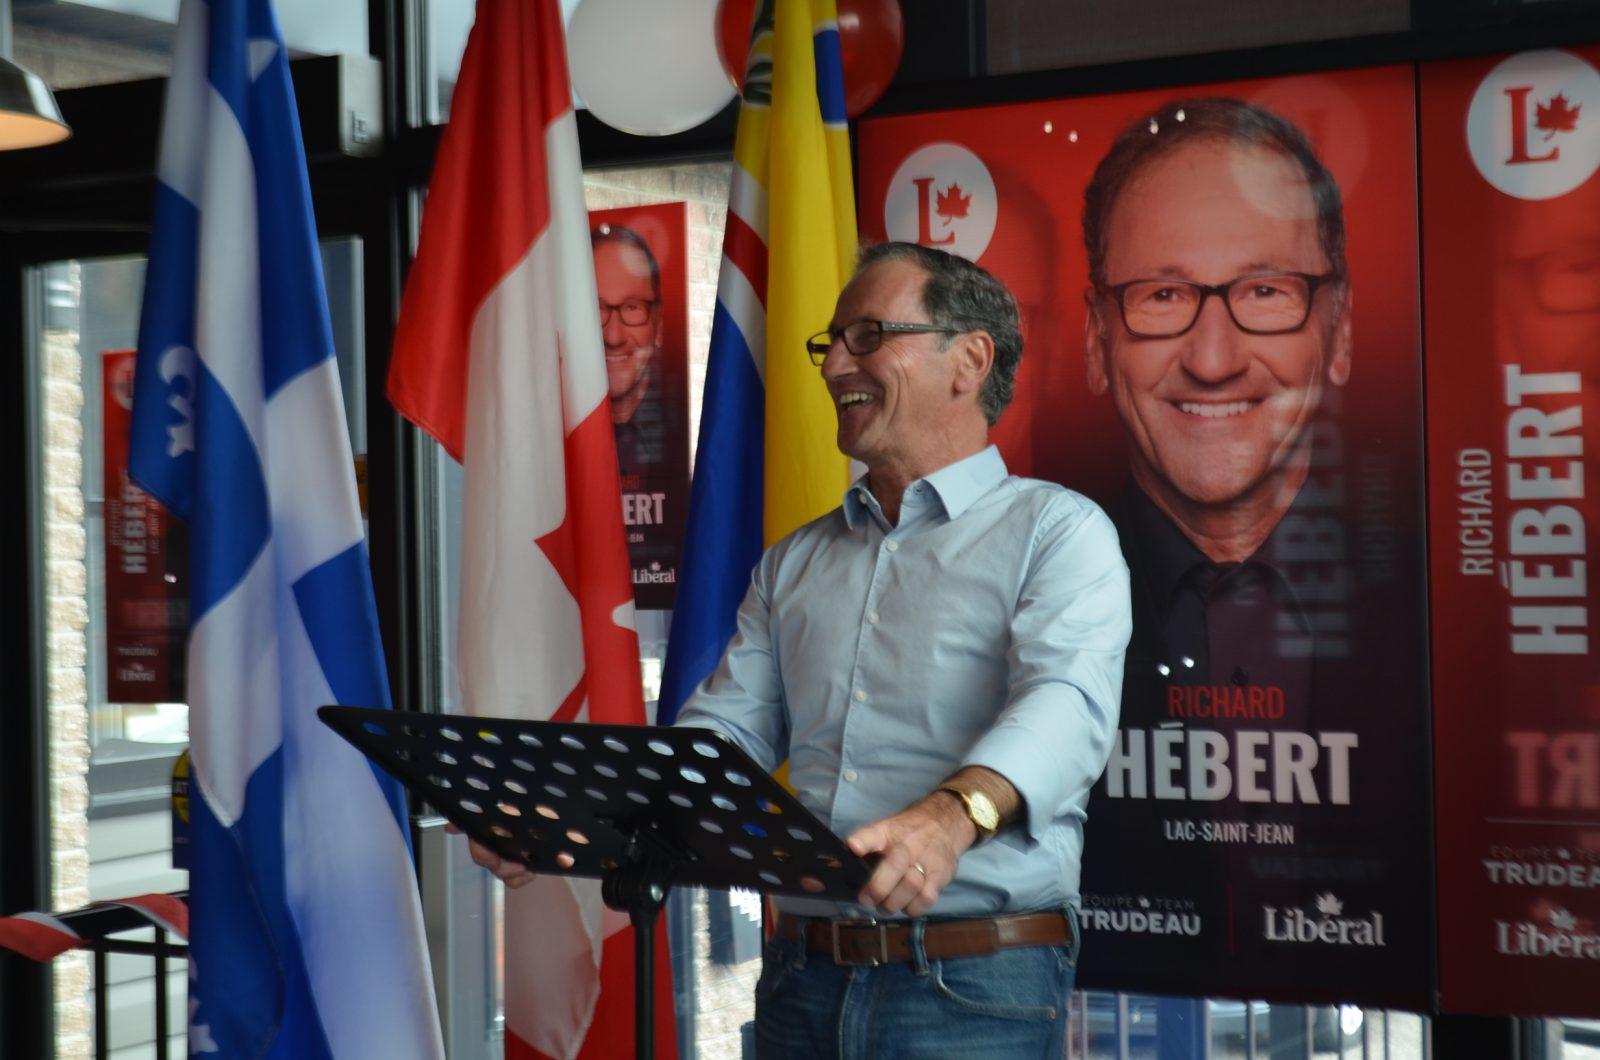 Hébert ouvre son local électoral et amorce la campagne